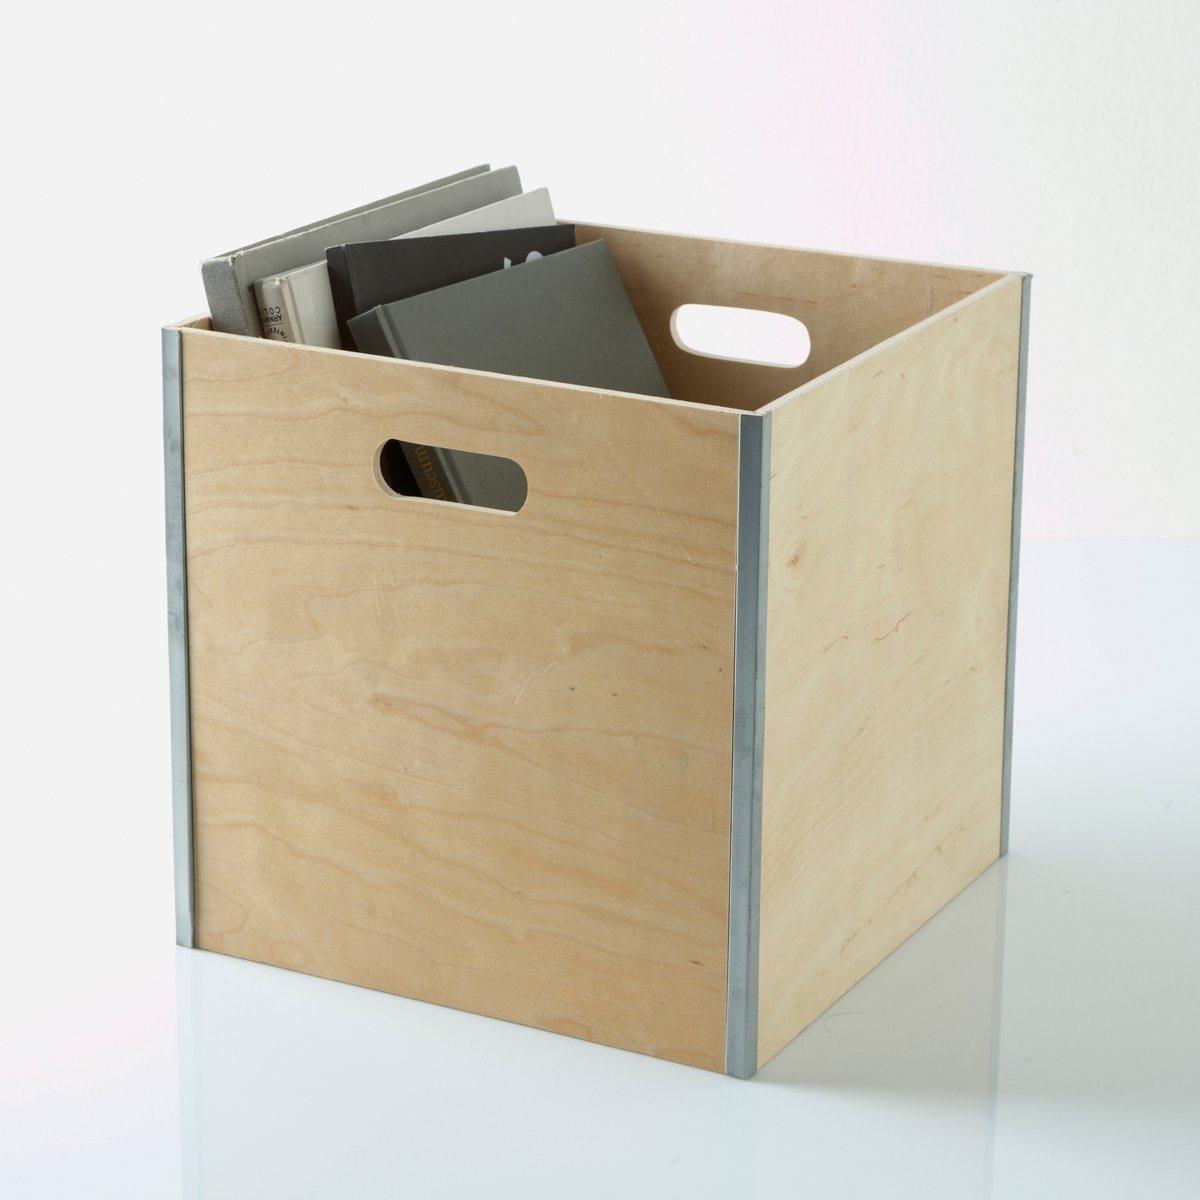 Ящик для хранения из дерева и металла.Практично, эстетично, экологично: этот ящик из дерева и металла станет незаменимым для хранения мелких предметов и прекрасно впишется в дизайн любой комнаты. Стенки из дерева.Металлическая окантовка.Размеры ящика снаружи: 32 x 32 x 32 см.<br><br>Цвет: бежевый экрю